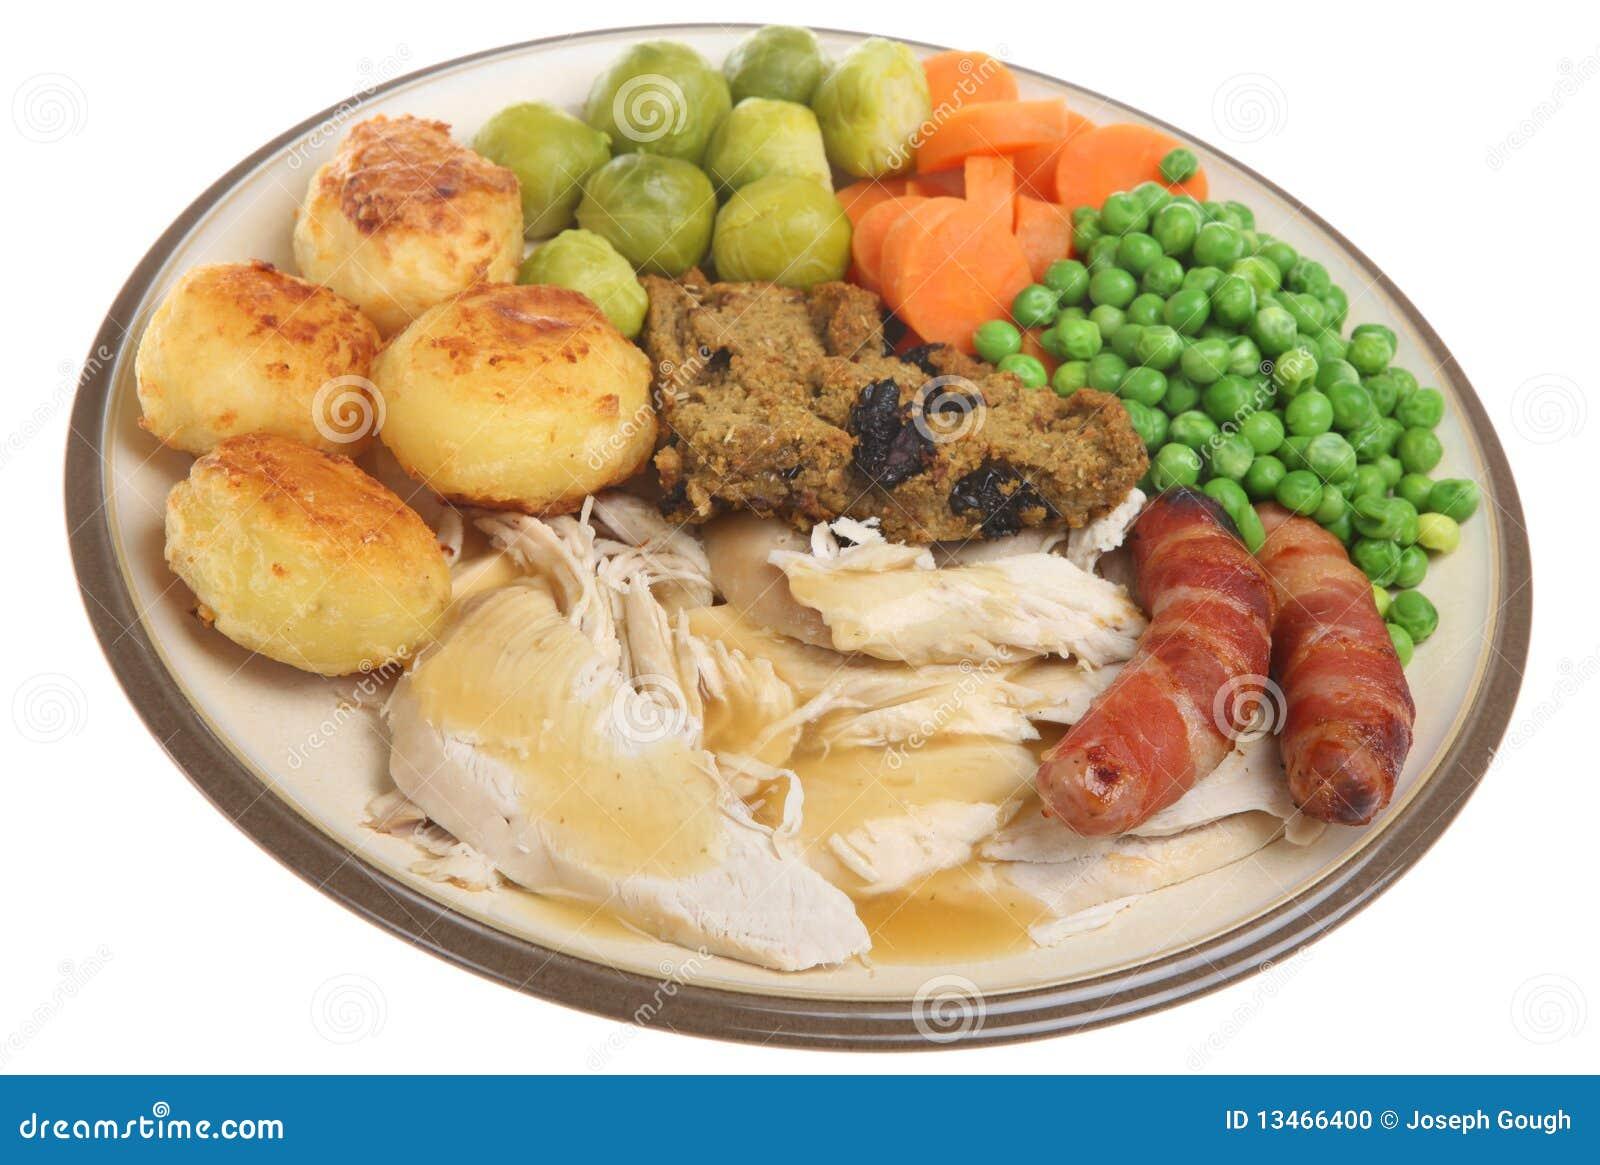 Traditional british roast chicken dinner with gravy